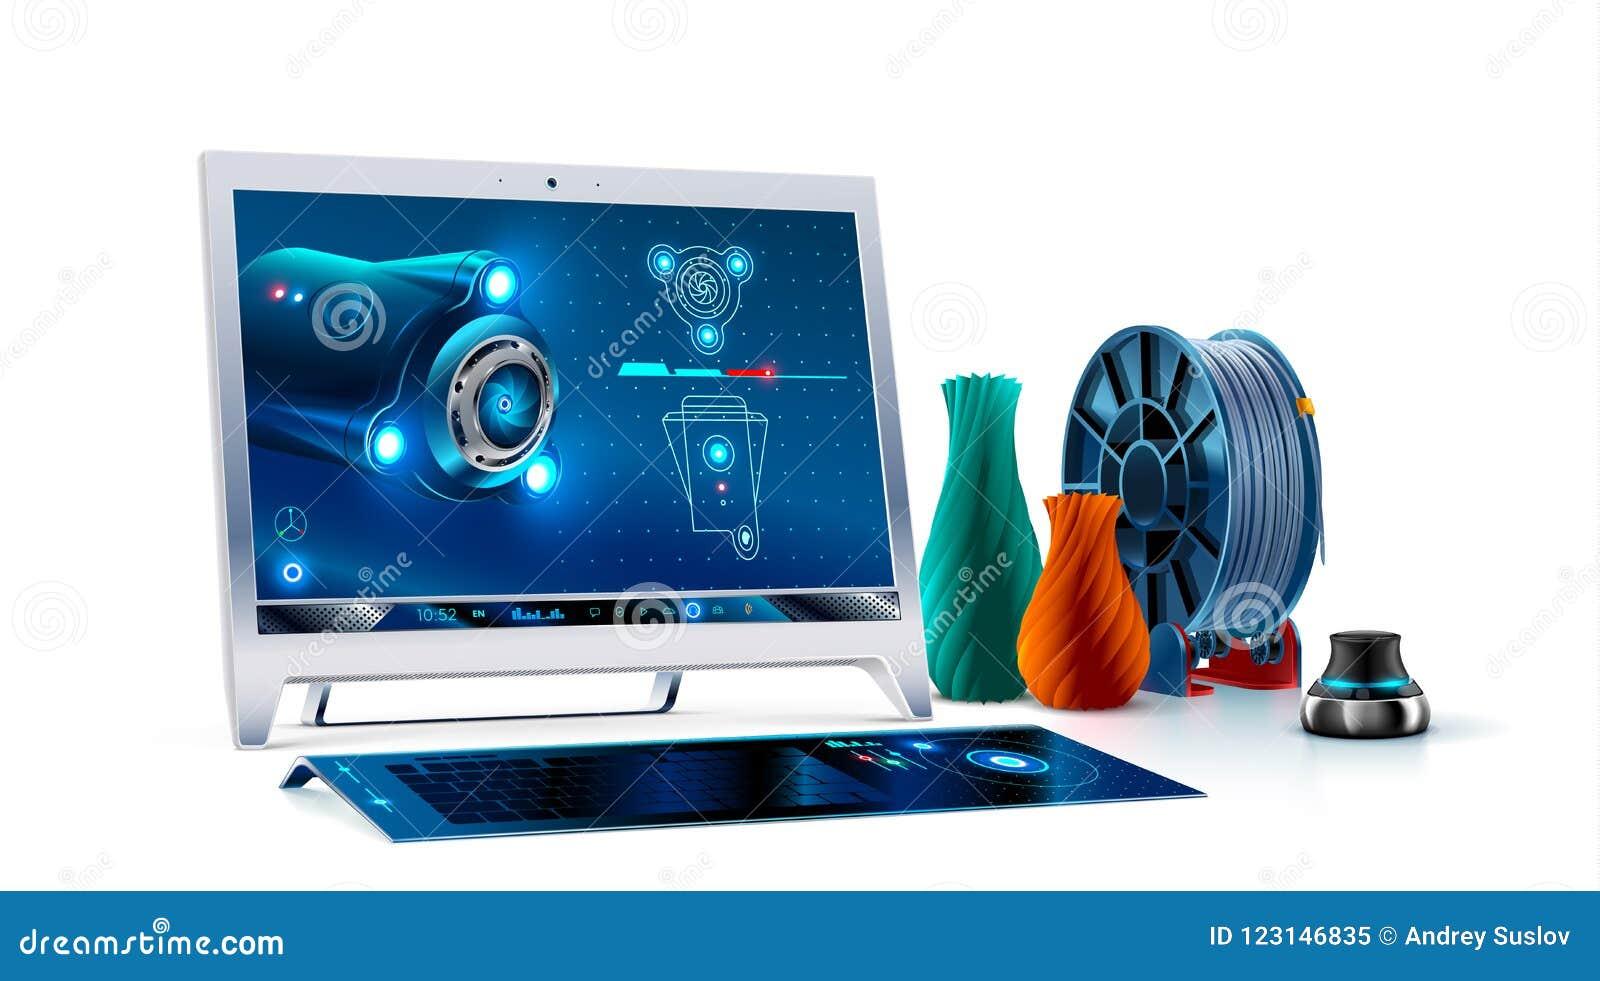 Monitor do computador de secretária com teclado e navegador 3d software de 3d cad no monoblock da tela modelagem 3d para a cópia